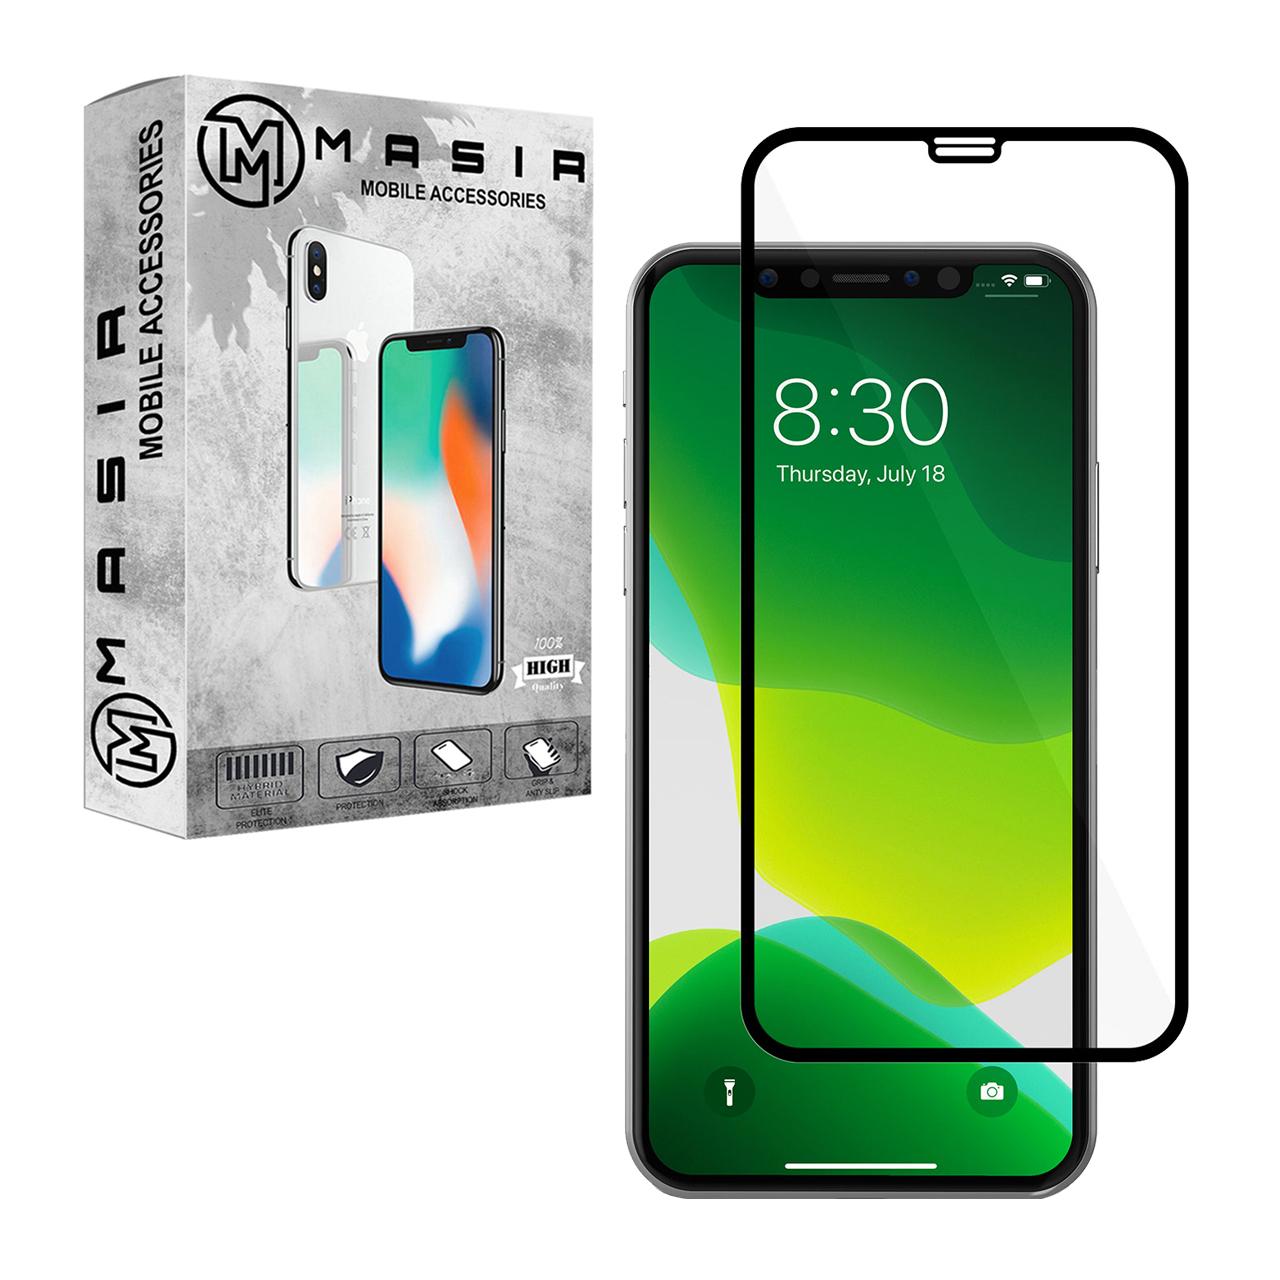 محافظ صفحه نمایش مسیر مدل MGF-1 مناسب برای گوشی موبایل اپل iPhone 11 Pro Max